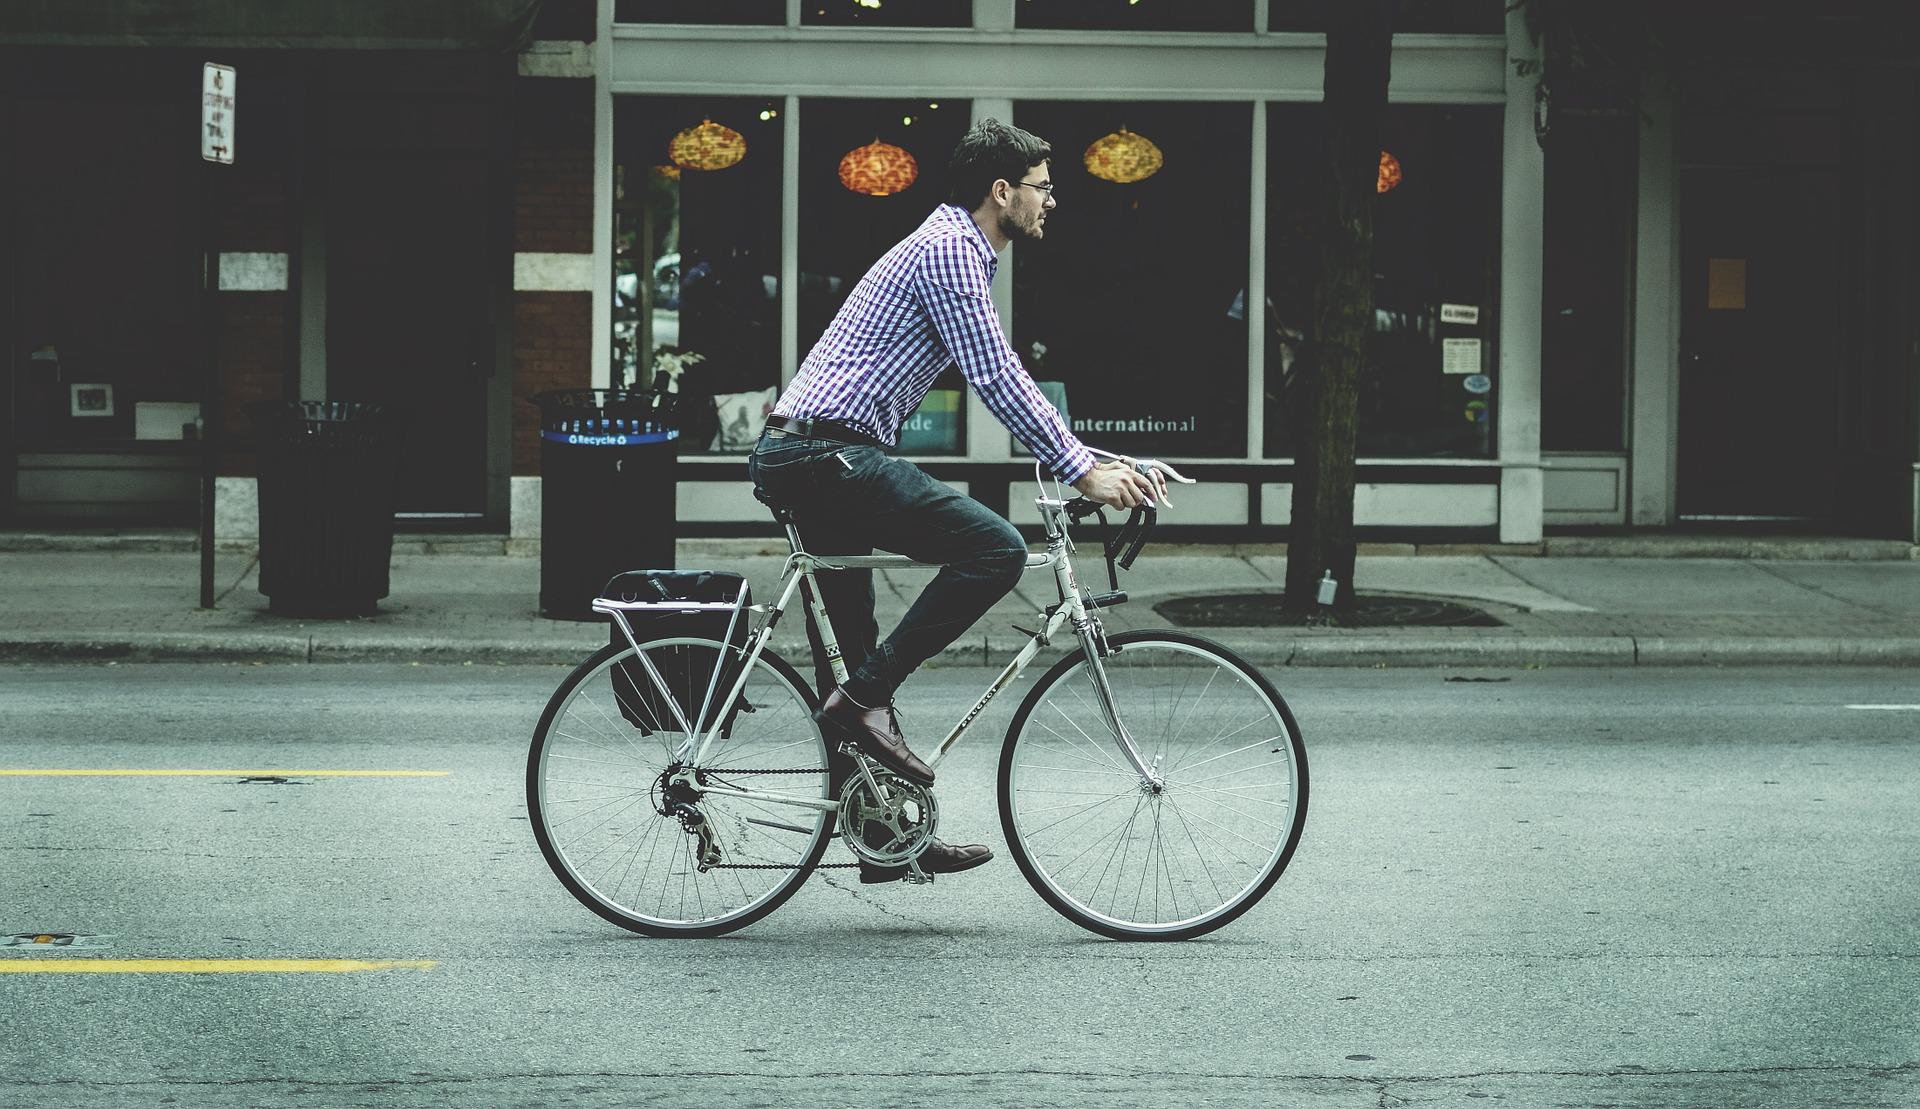 Dicas de bicicleta em Belo Horizonte